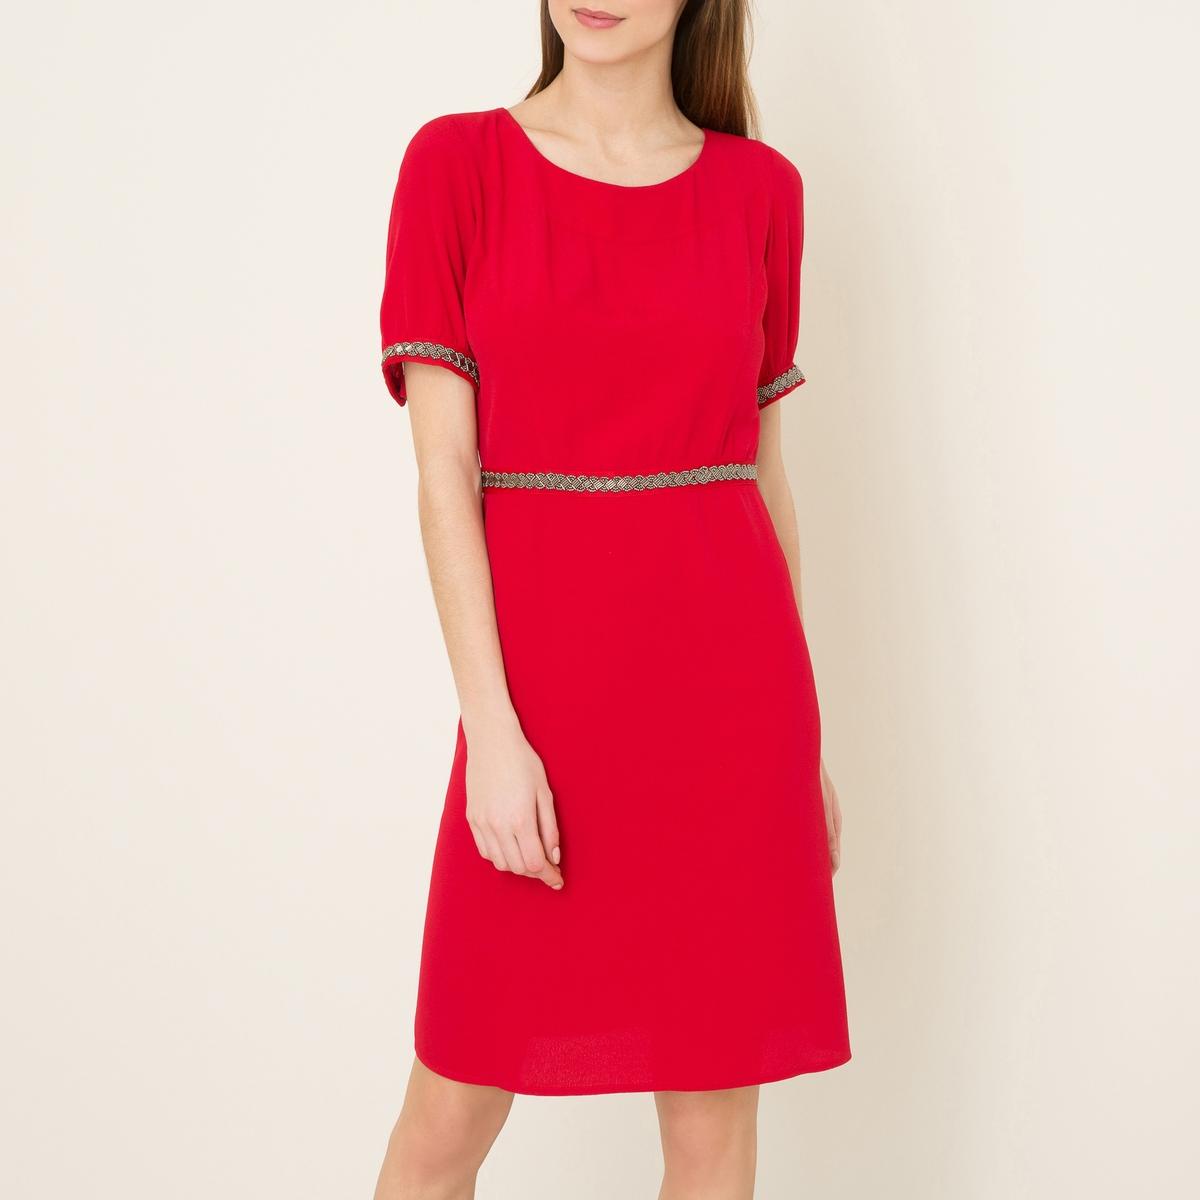 Платье YOUTHПлатье BA&amp;SH - модель YOUTH из струящейся ткани . Закругленный вырез  . Короткие рукава. Декоративная отделка низа рукавов и пояса . Открытая спинка  . Состав и описание    Материал : 100% вискоза   Марка : BA&amp;SH<br><br>Цвет: красный,черный